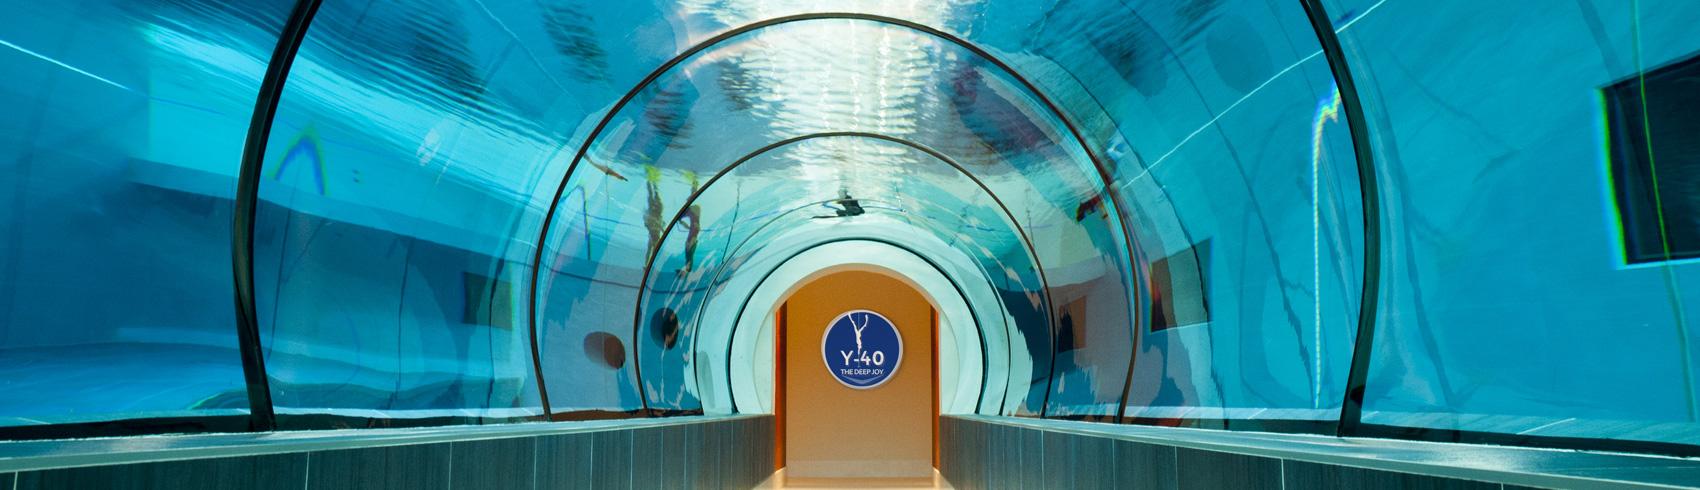 Hydra water concessionaria culligan piscina y 40 for Y 40 piscina